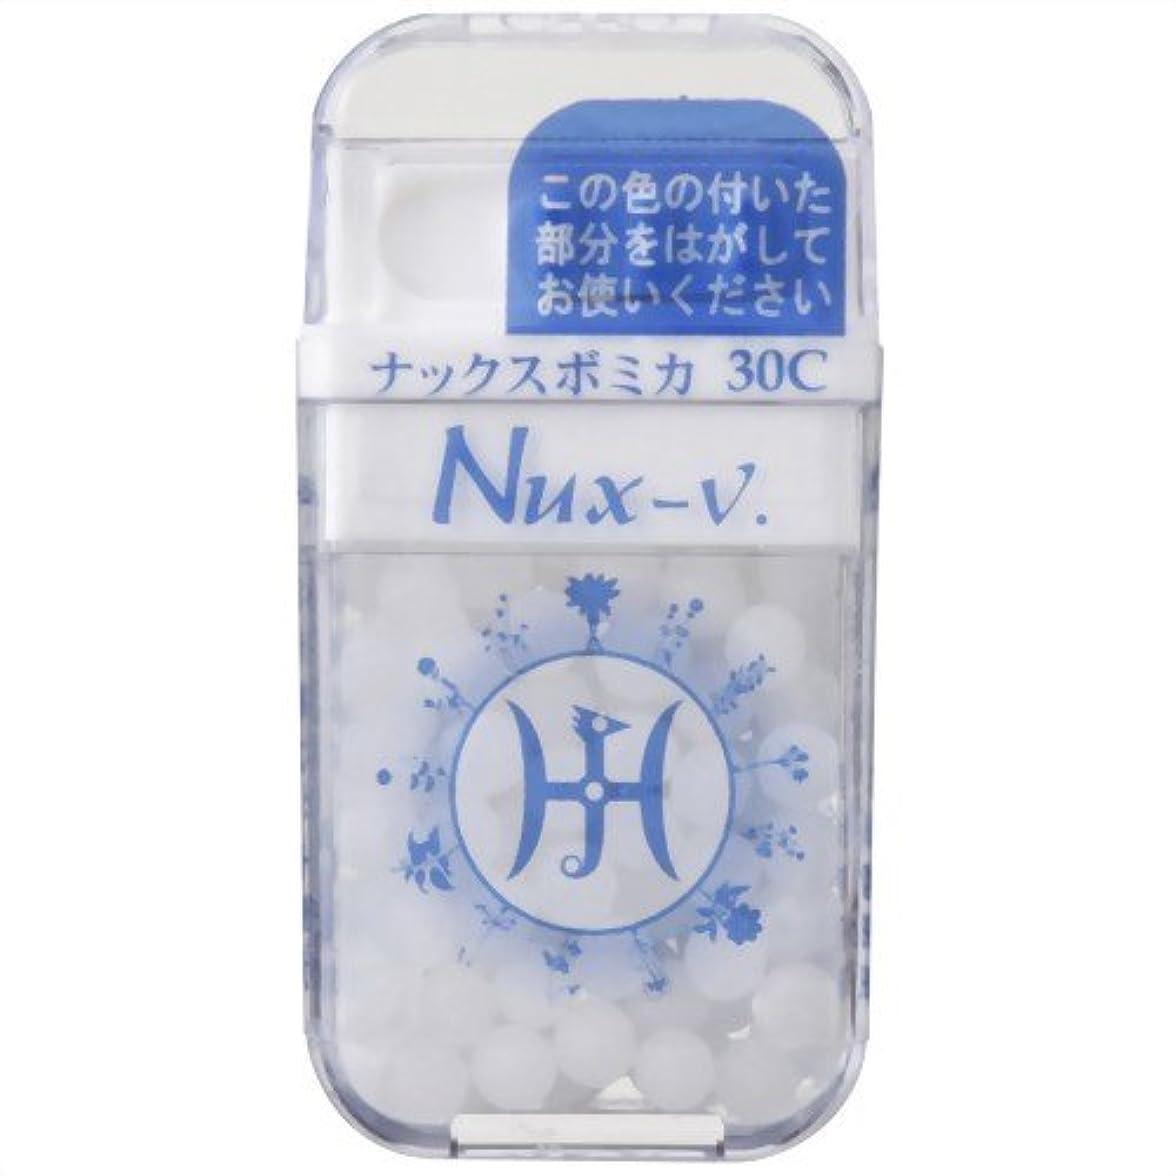 懇願するショッピングセンター鳥ホメオパシージャパンレメディー Nux-v.  ナックスボミカ  30C (大ビン)